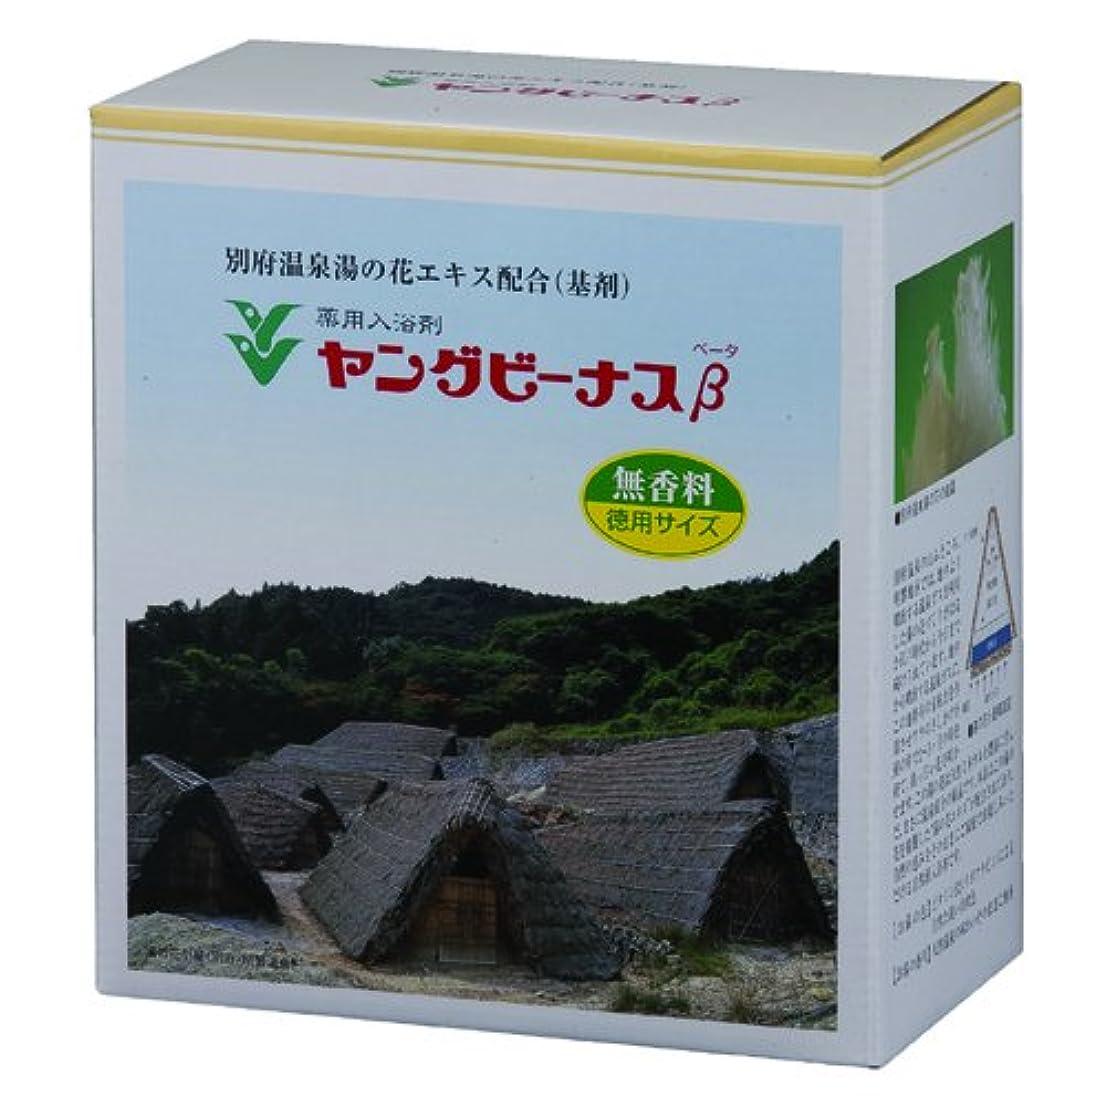 バーターフェザー良心薬用入浴剤 ヤングビーナスβ 徳用サイズCX-30β